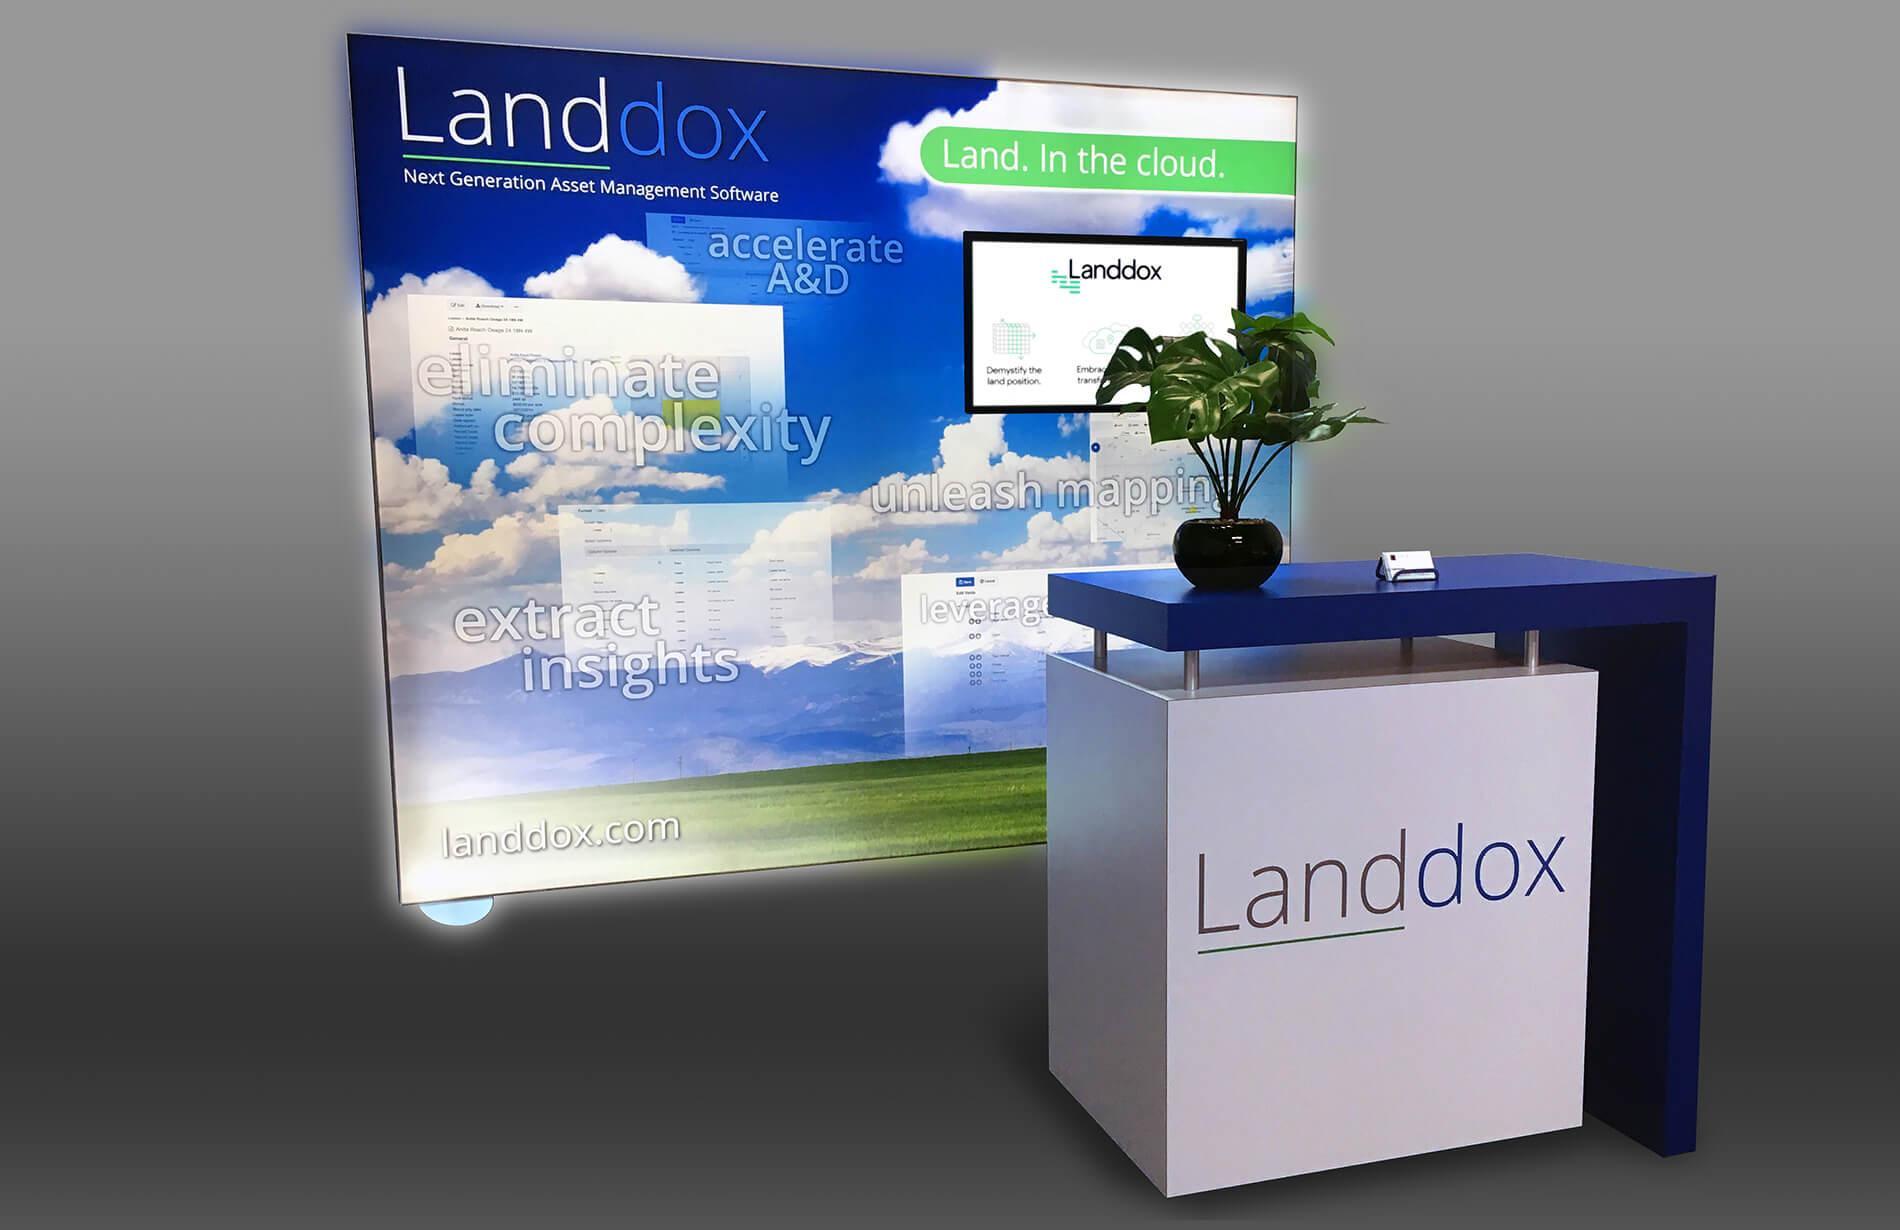 Landdox_hero-shot_v3